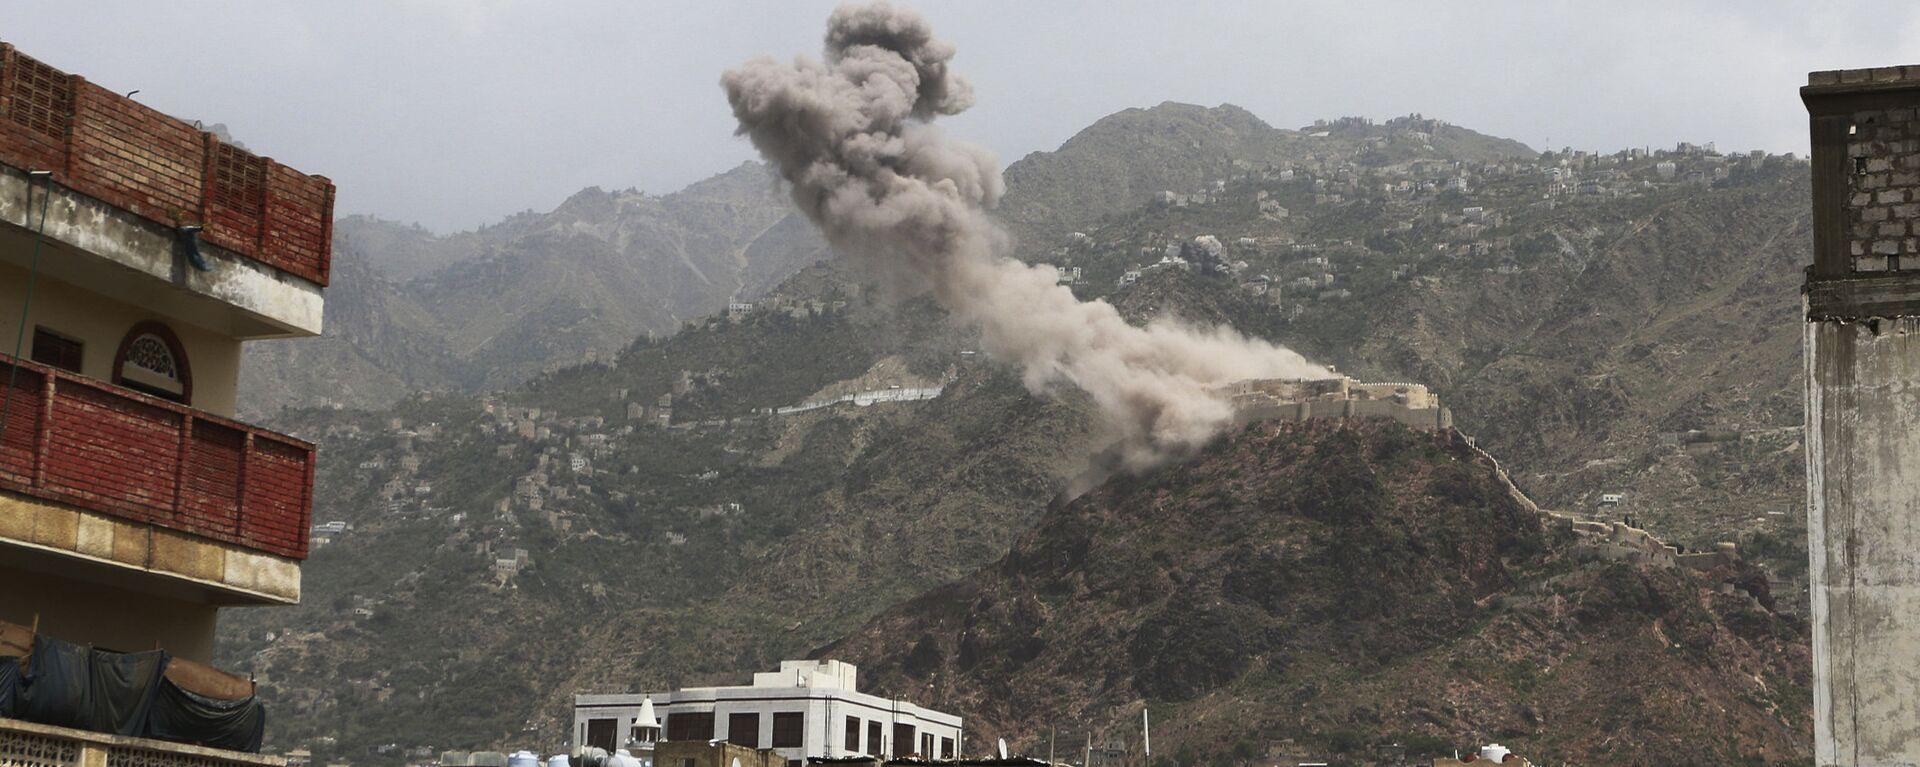 El humo sobre un pueblo de Yemen - Sputnik Mundo, 1920, 26.05.2021